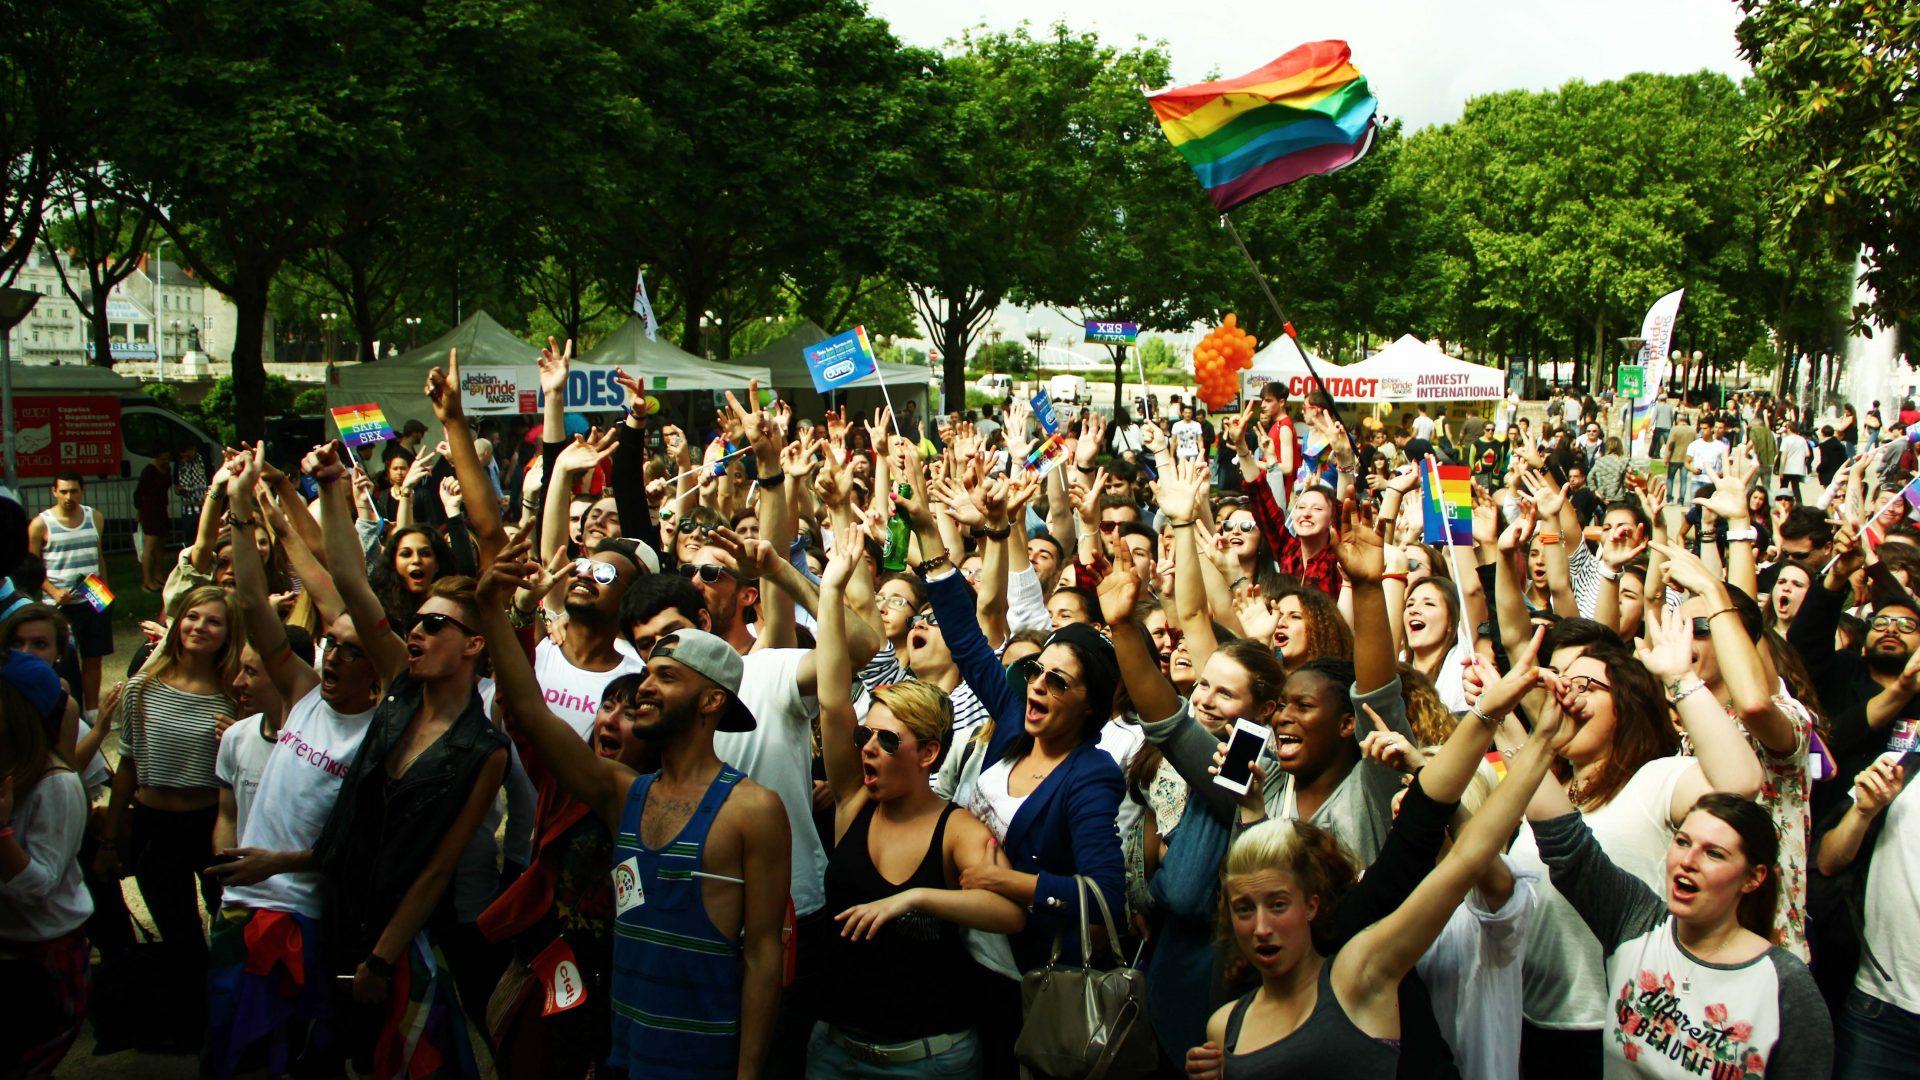 rencontre gay republique dominicaine à Angers